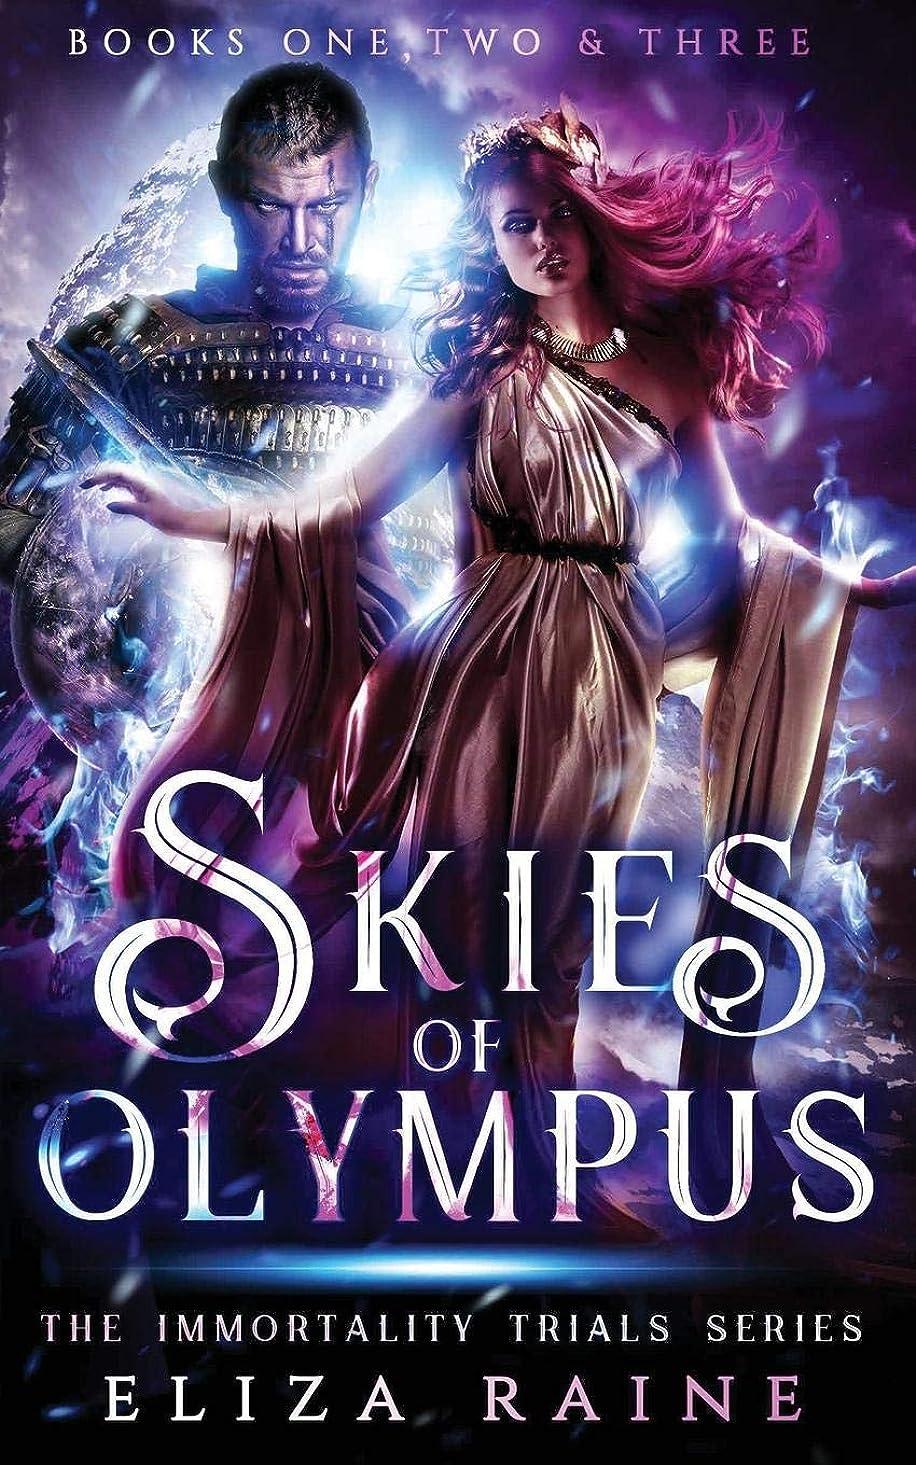 効率後記録Skies of Olympus: Books One, Two & Three (The Immortality Trials)